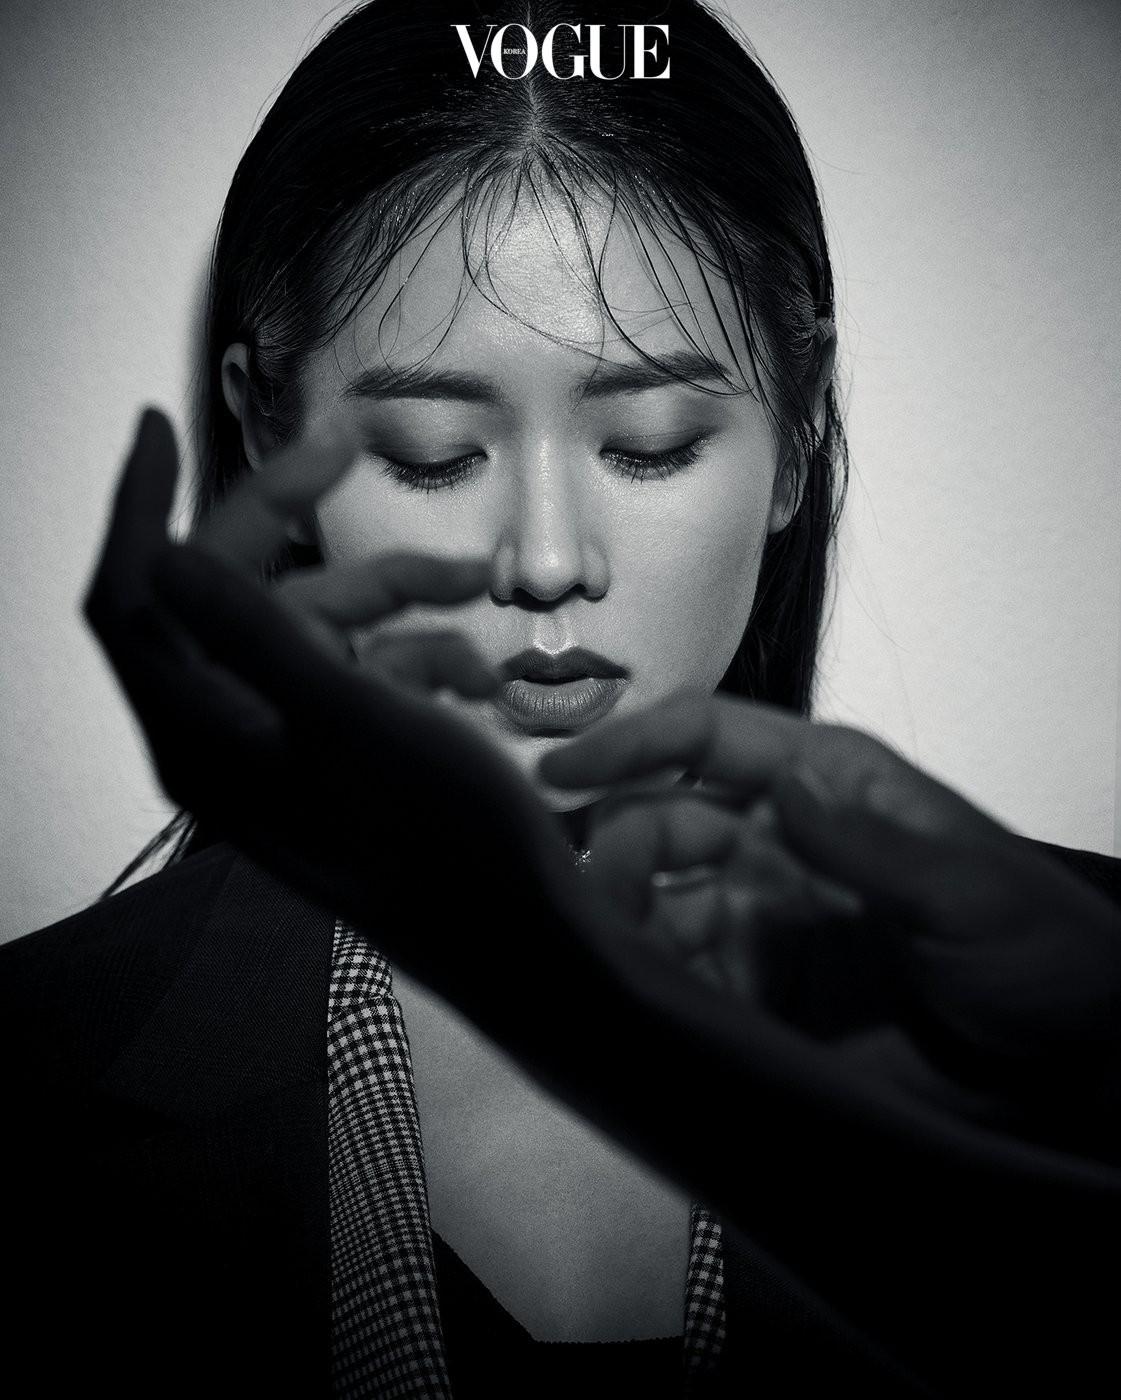 'Chị đẹp' Son Ye Jin tình tứ bên bạn trai cũ của Song Hye Kyo ảnh 6